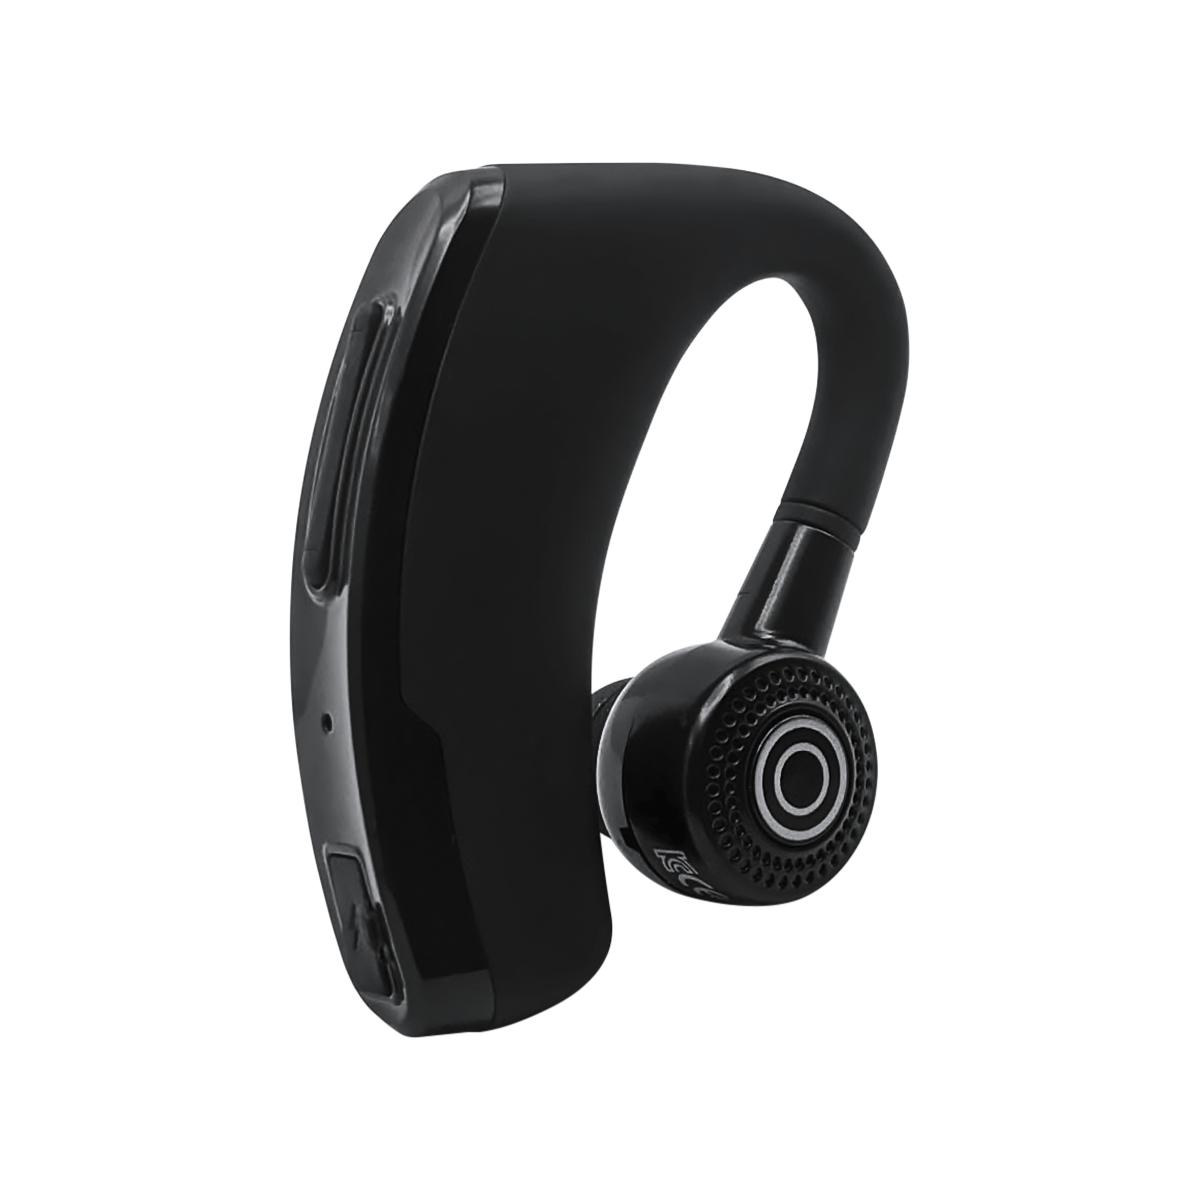 Гарнитура Bluetooth Lymoc V10 с портативной док-станцией